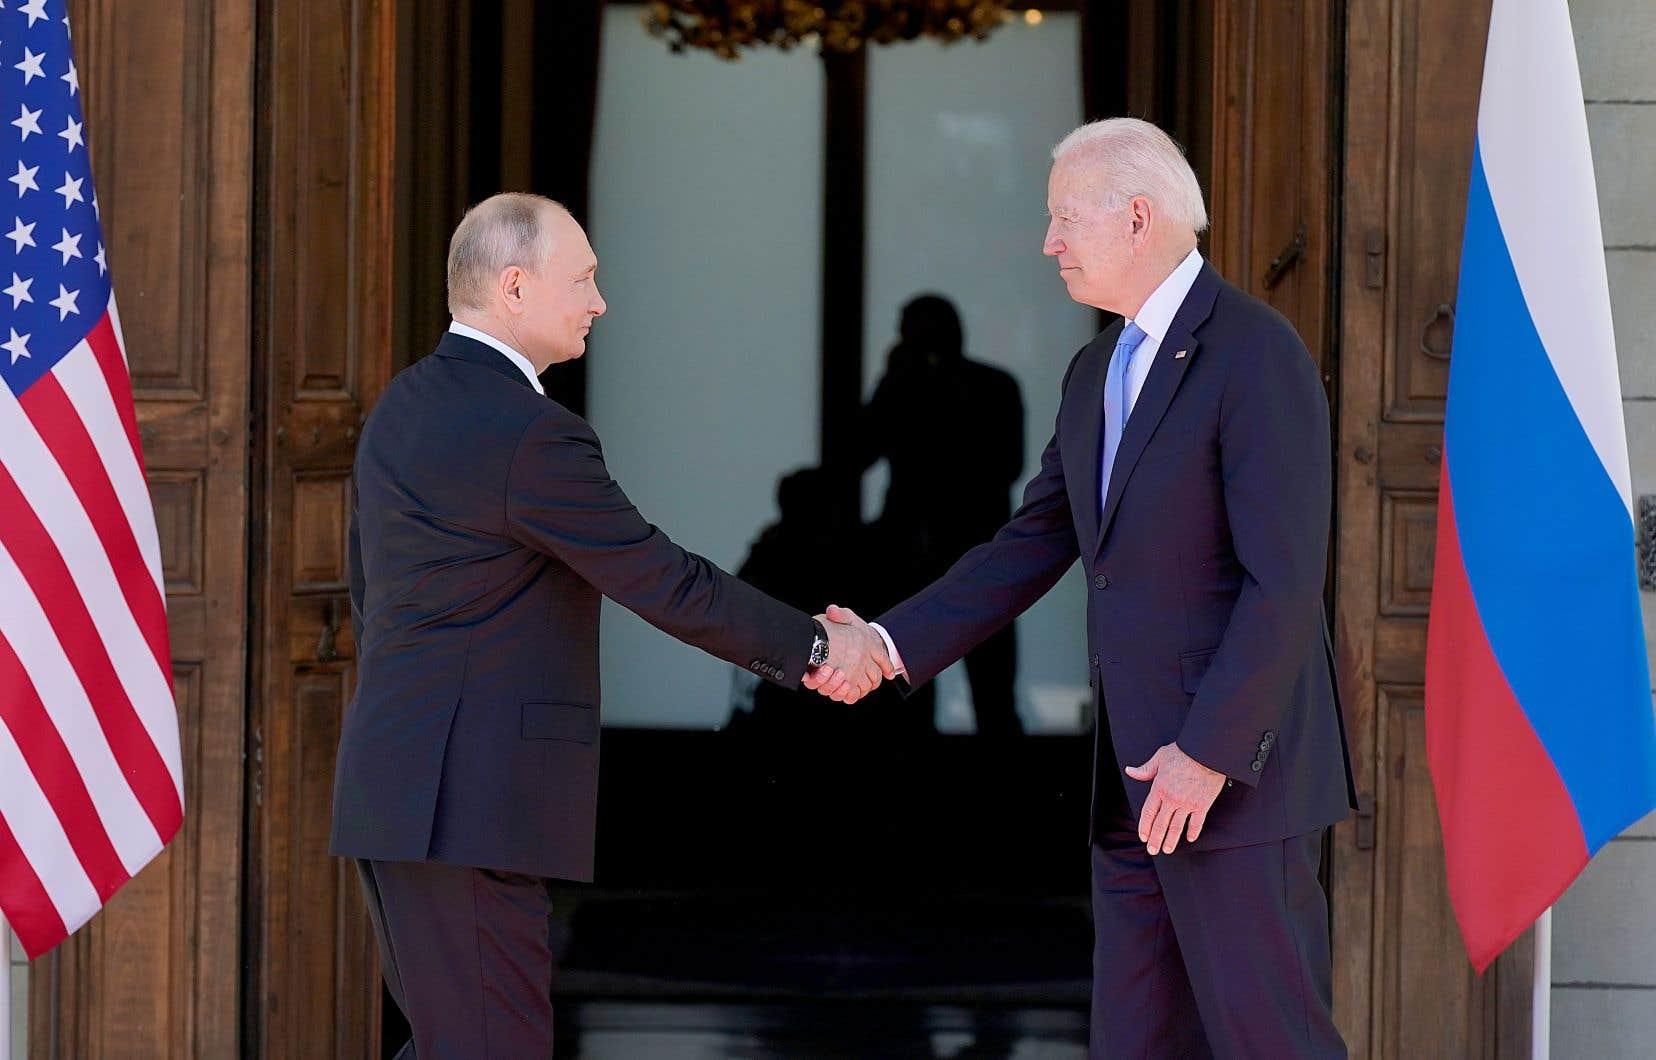 Depuis l'arrivée de Joe Biden à la Maison-Blanche, les relations se sont tendues entre les États-Unis et la Russie. Dans ce contexte, la rencontre entre les deux chefs d'État mercredi en Suisse était attendue.